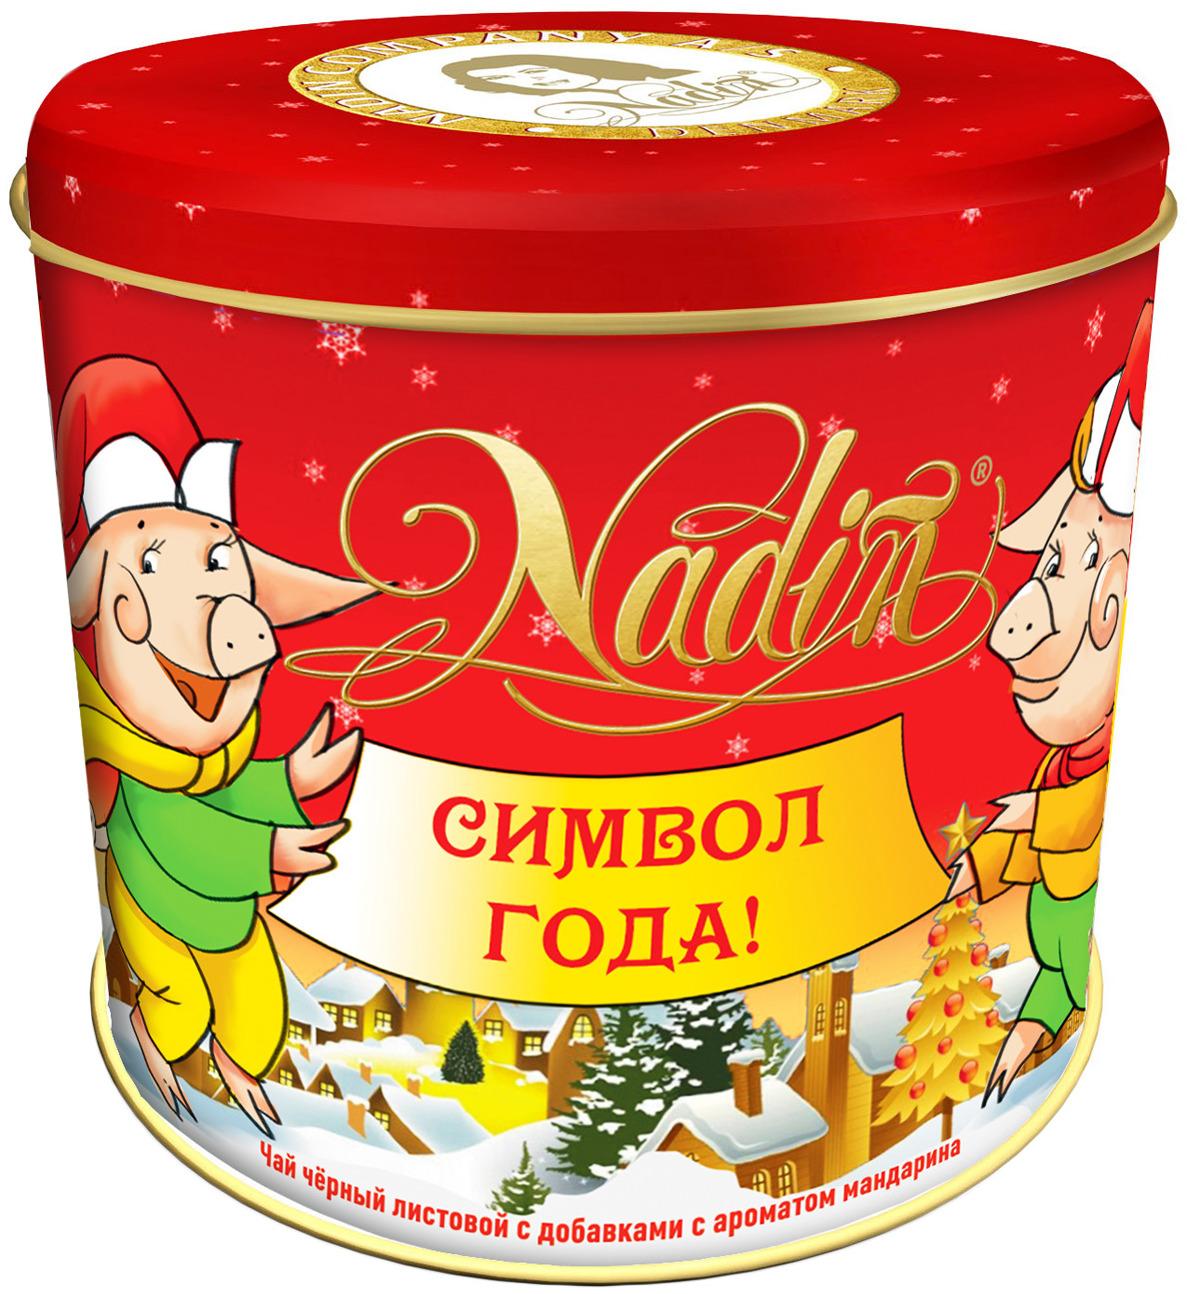 Чай черный листовой Nadin Символ года!, 50 г nadin счастья в новом году чай черный листовой 50 г